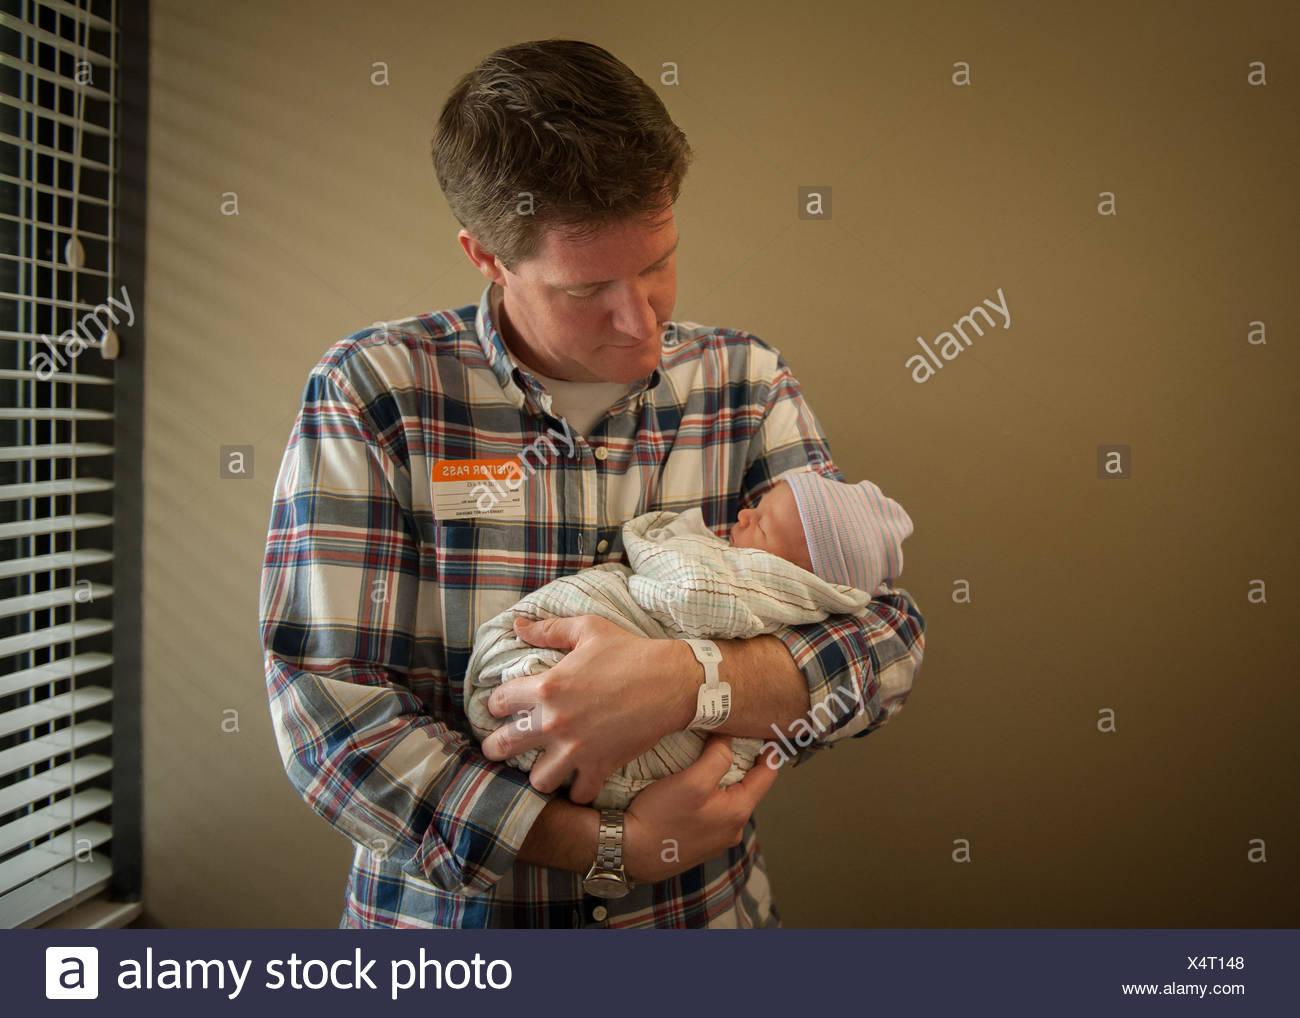 Padre sosteniendo bebé recién nacido en el hospital Imagen De Stock